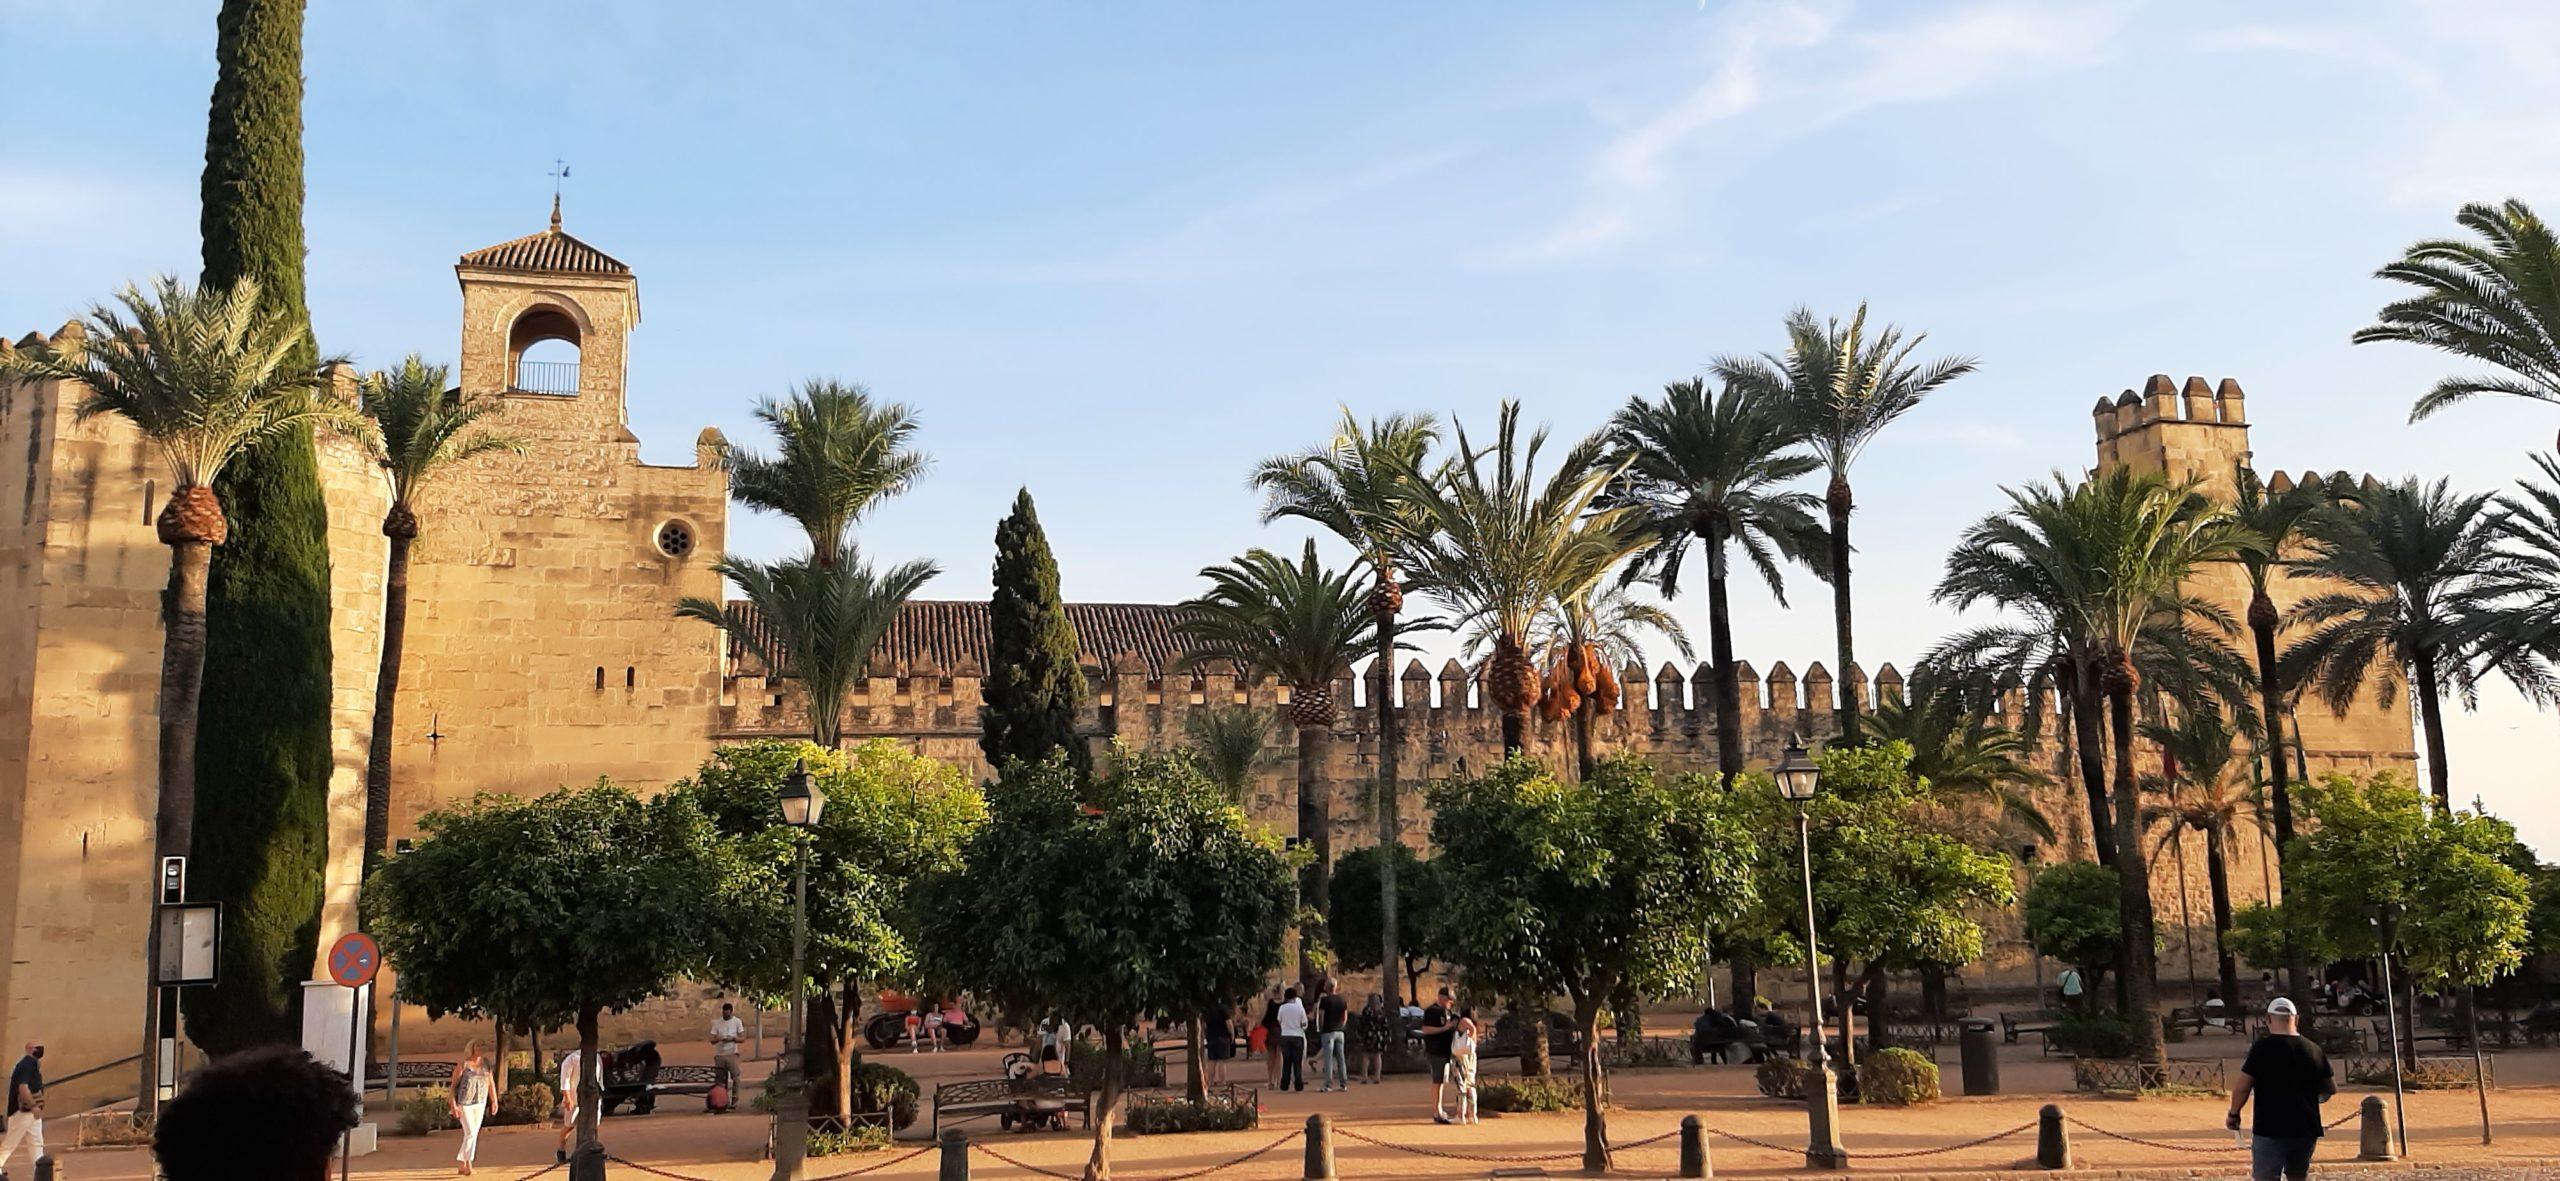 Mosquée-cathédrale et Flamenco à Cordoue/Mezquita-catedral y flamenco en Cordoba